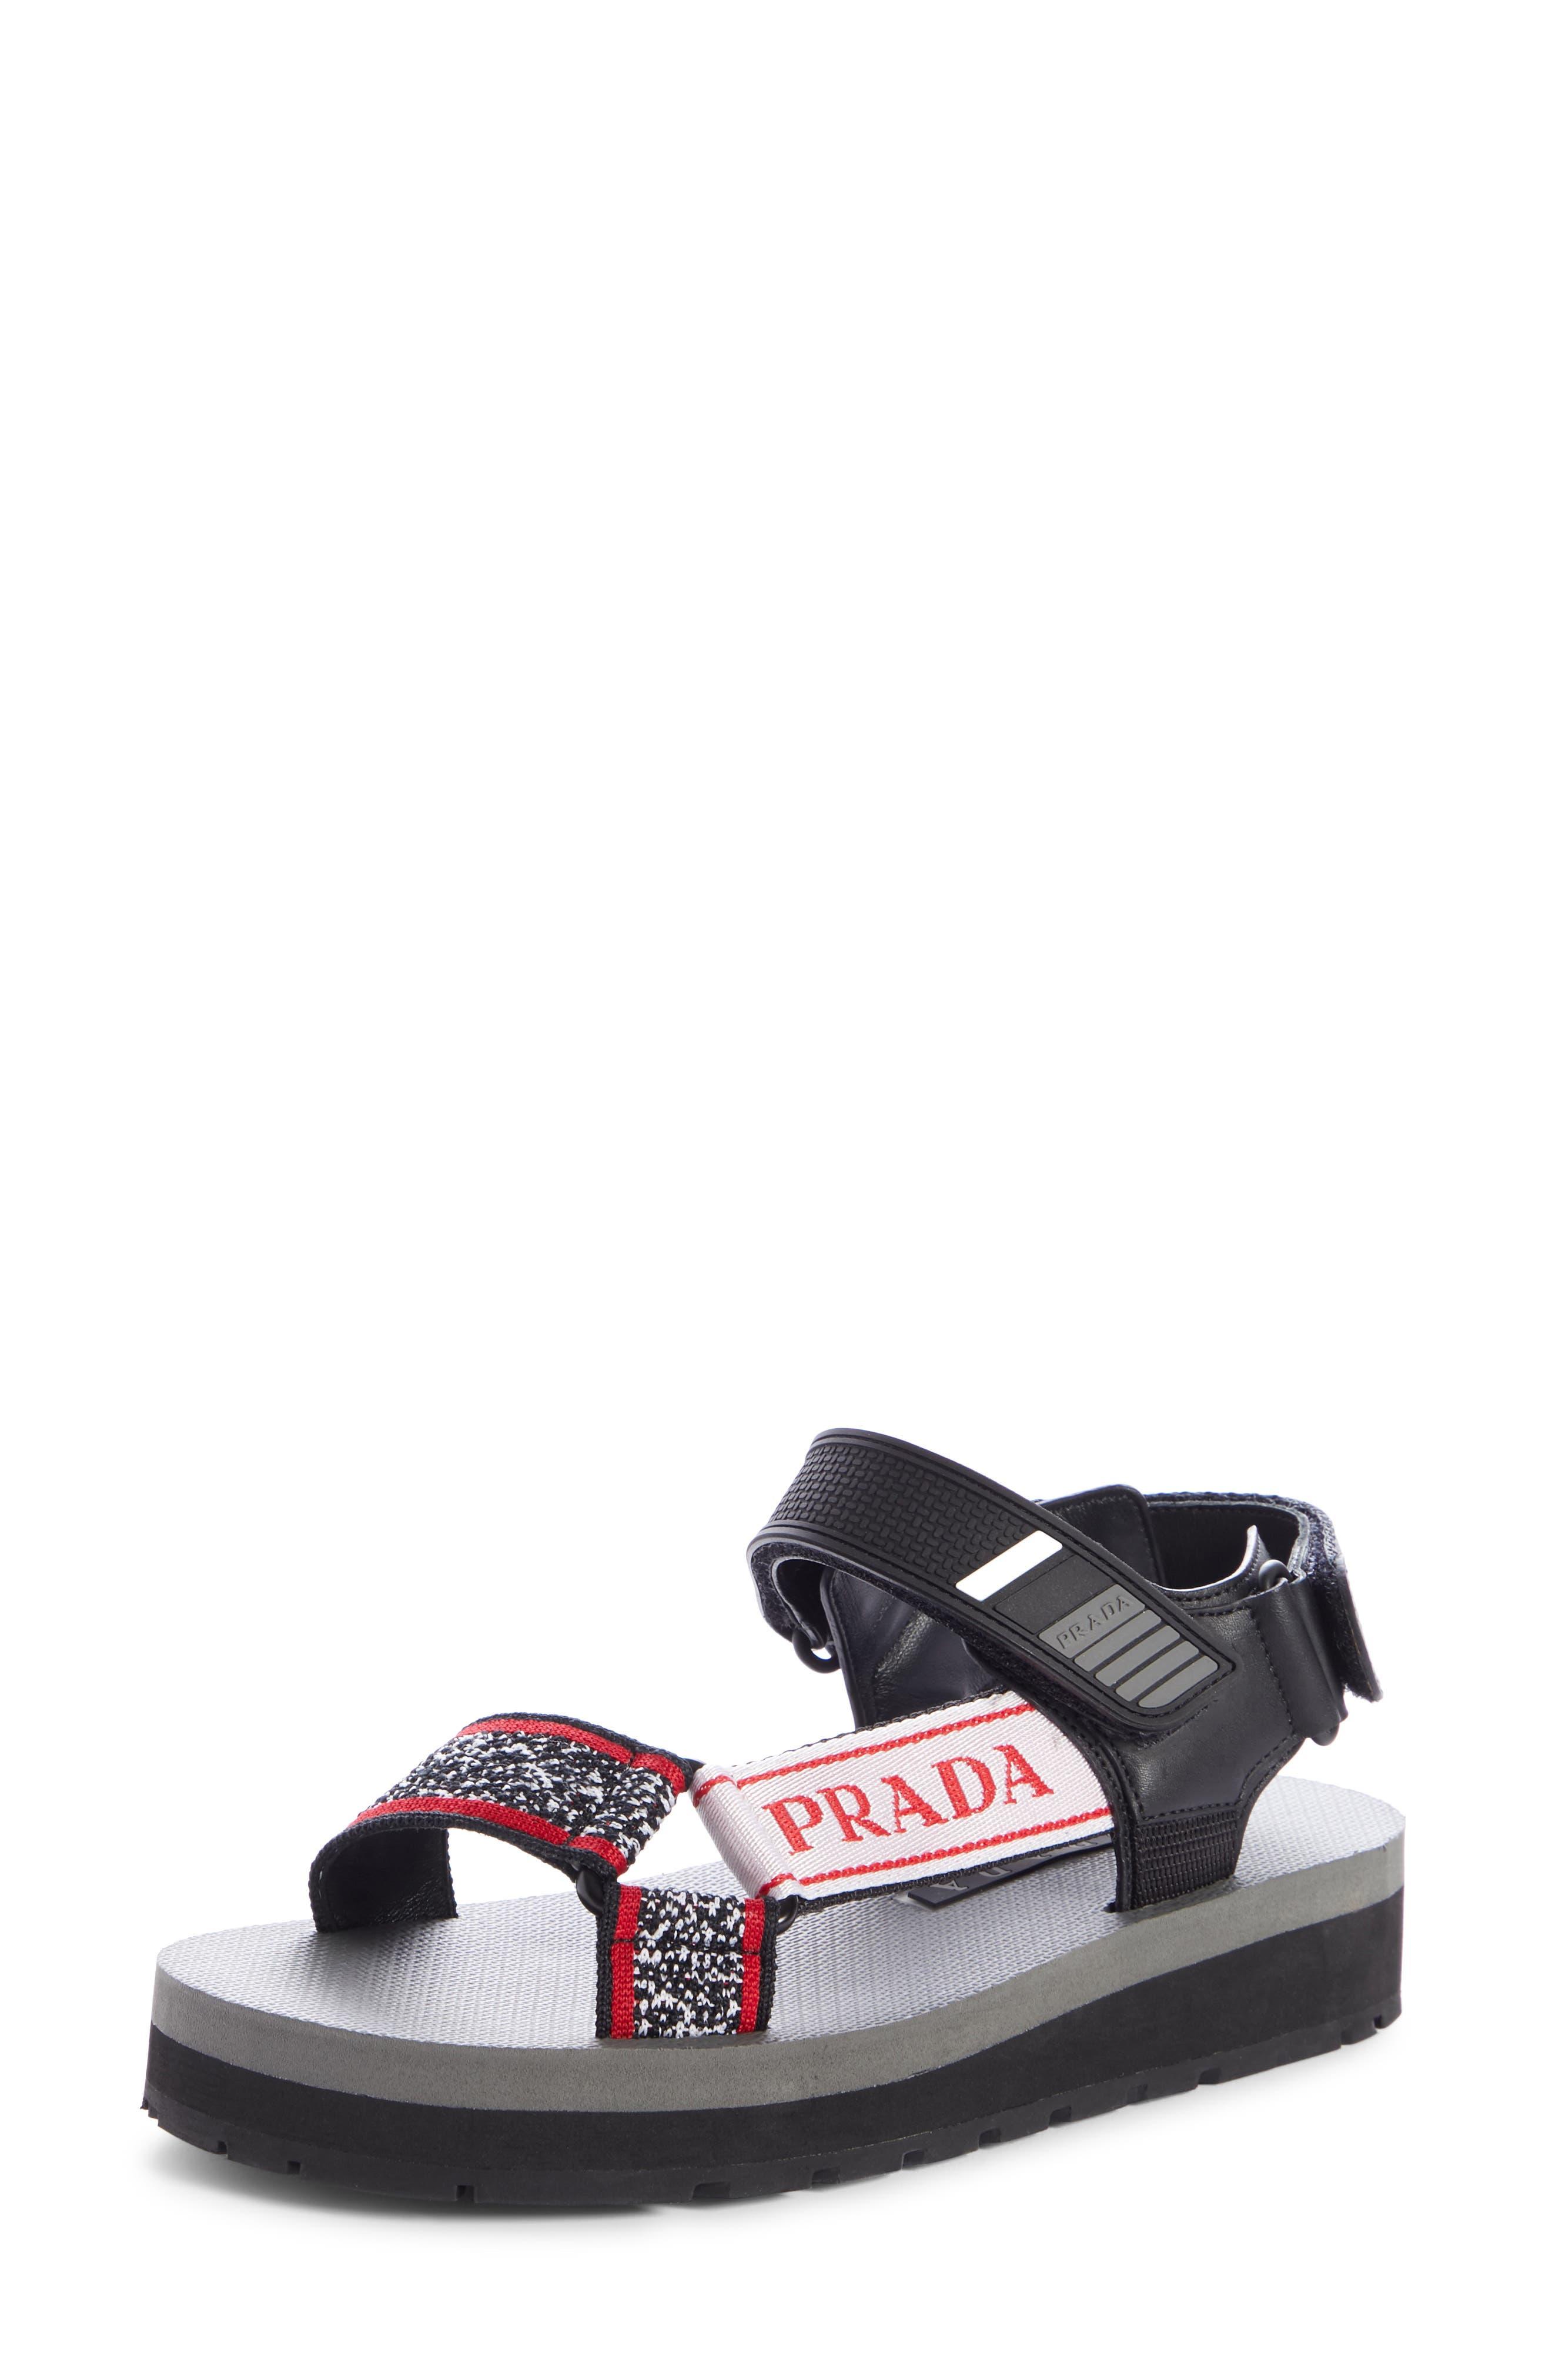 PRADA, Sport Sandal, Main thumbnail 1, color, BLACK/ RED